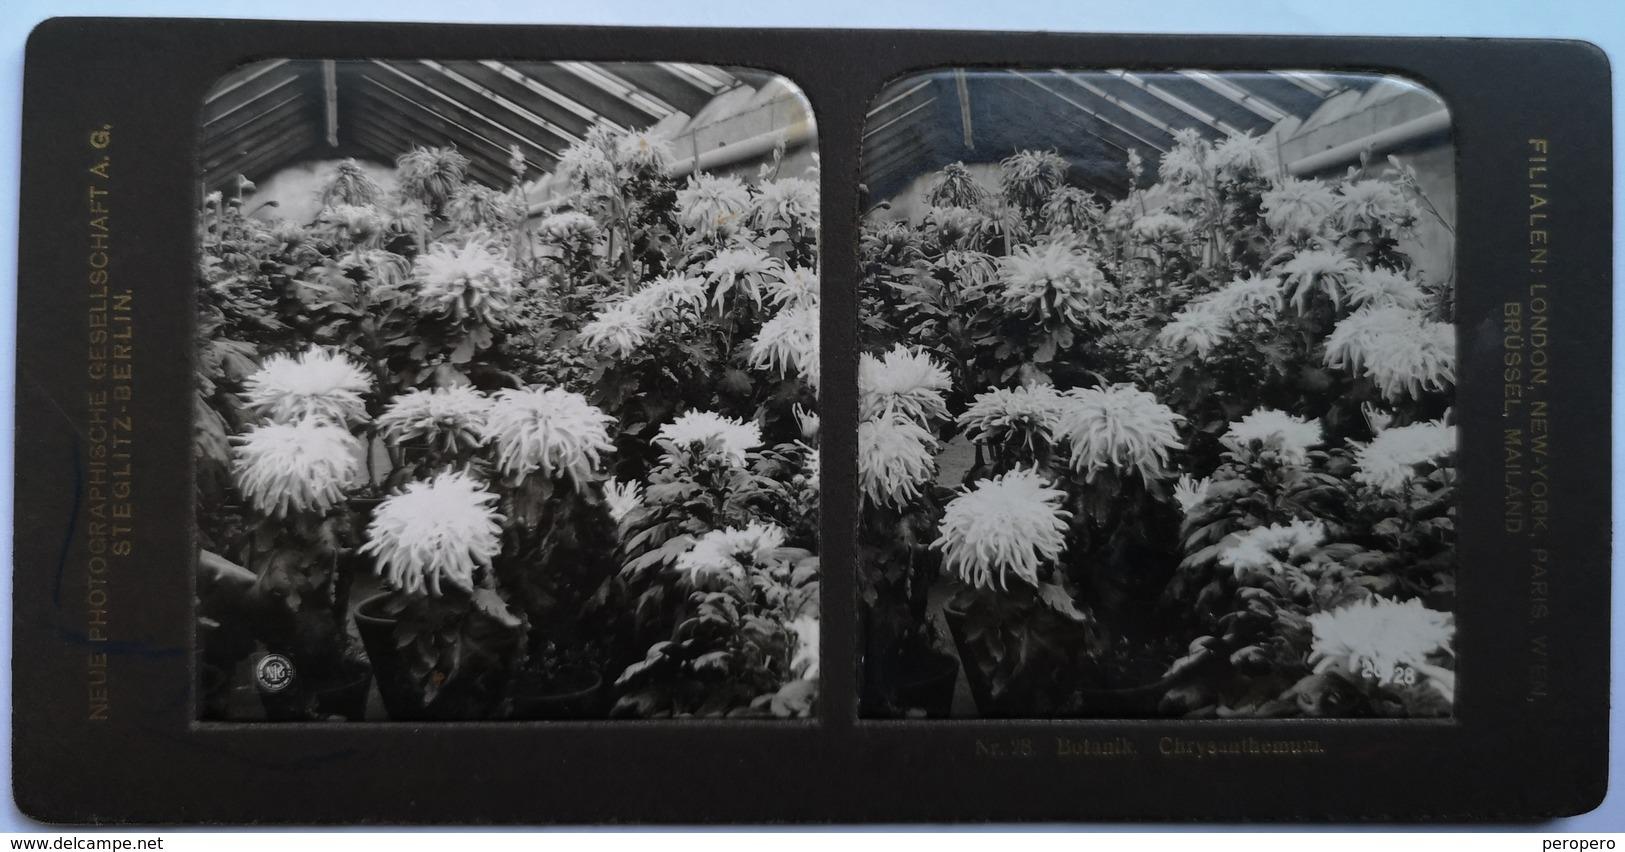 PHOTO STEREOSCOPIC STEREO BOTANIK CHRYSANTHEMUM - Stereo-Photographie